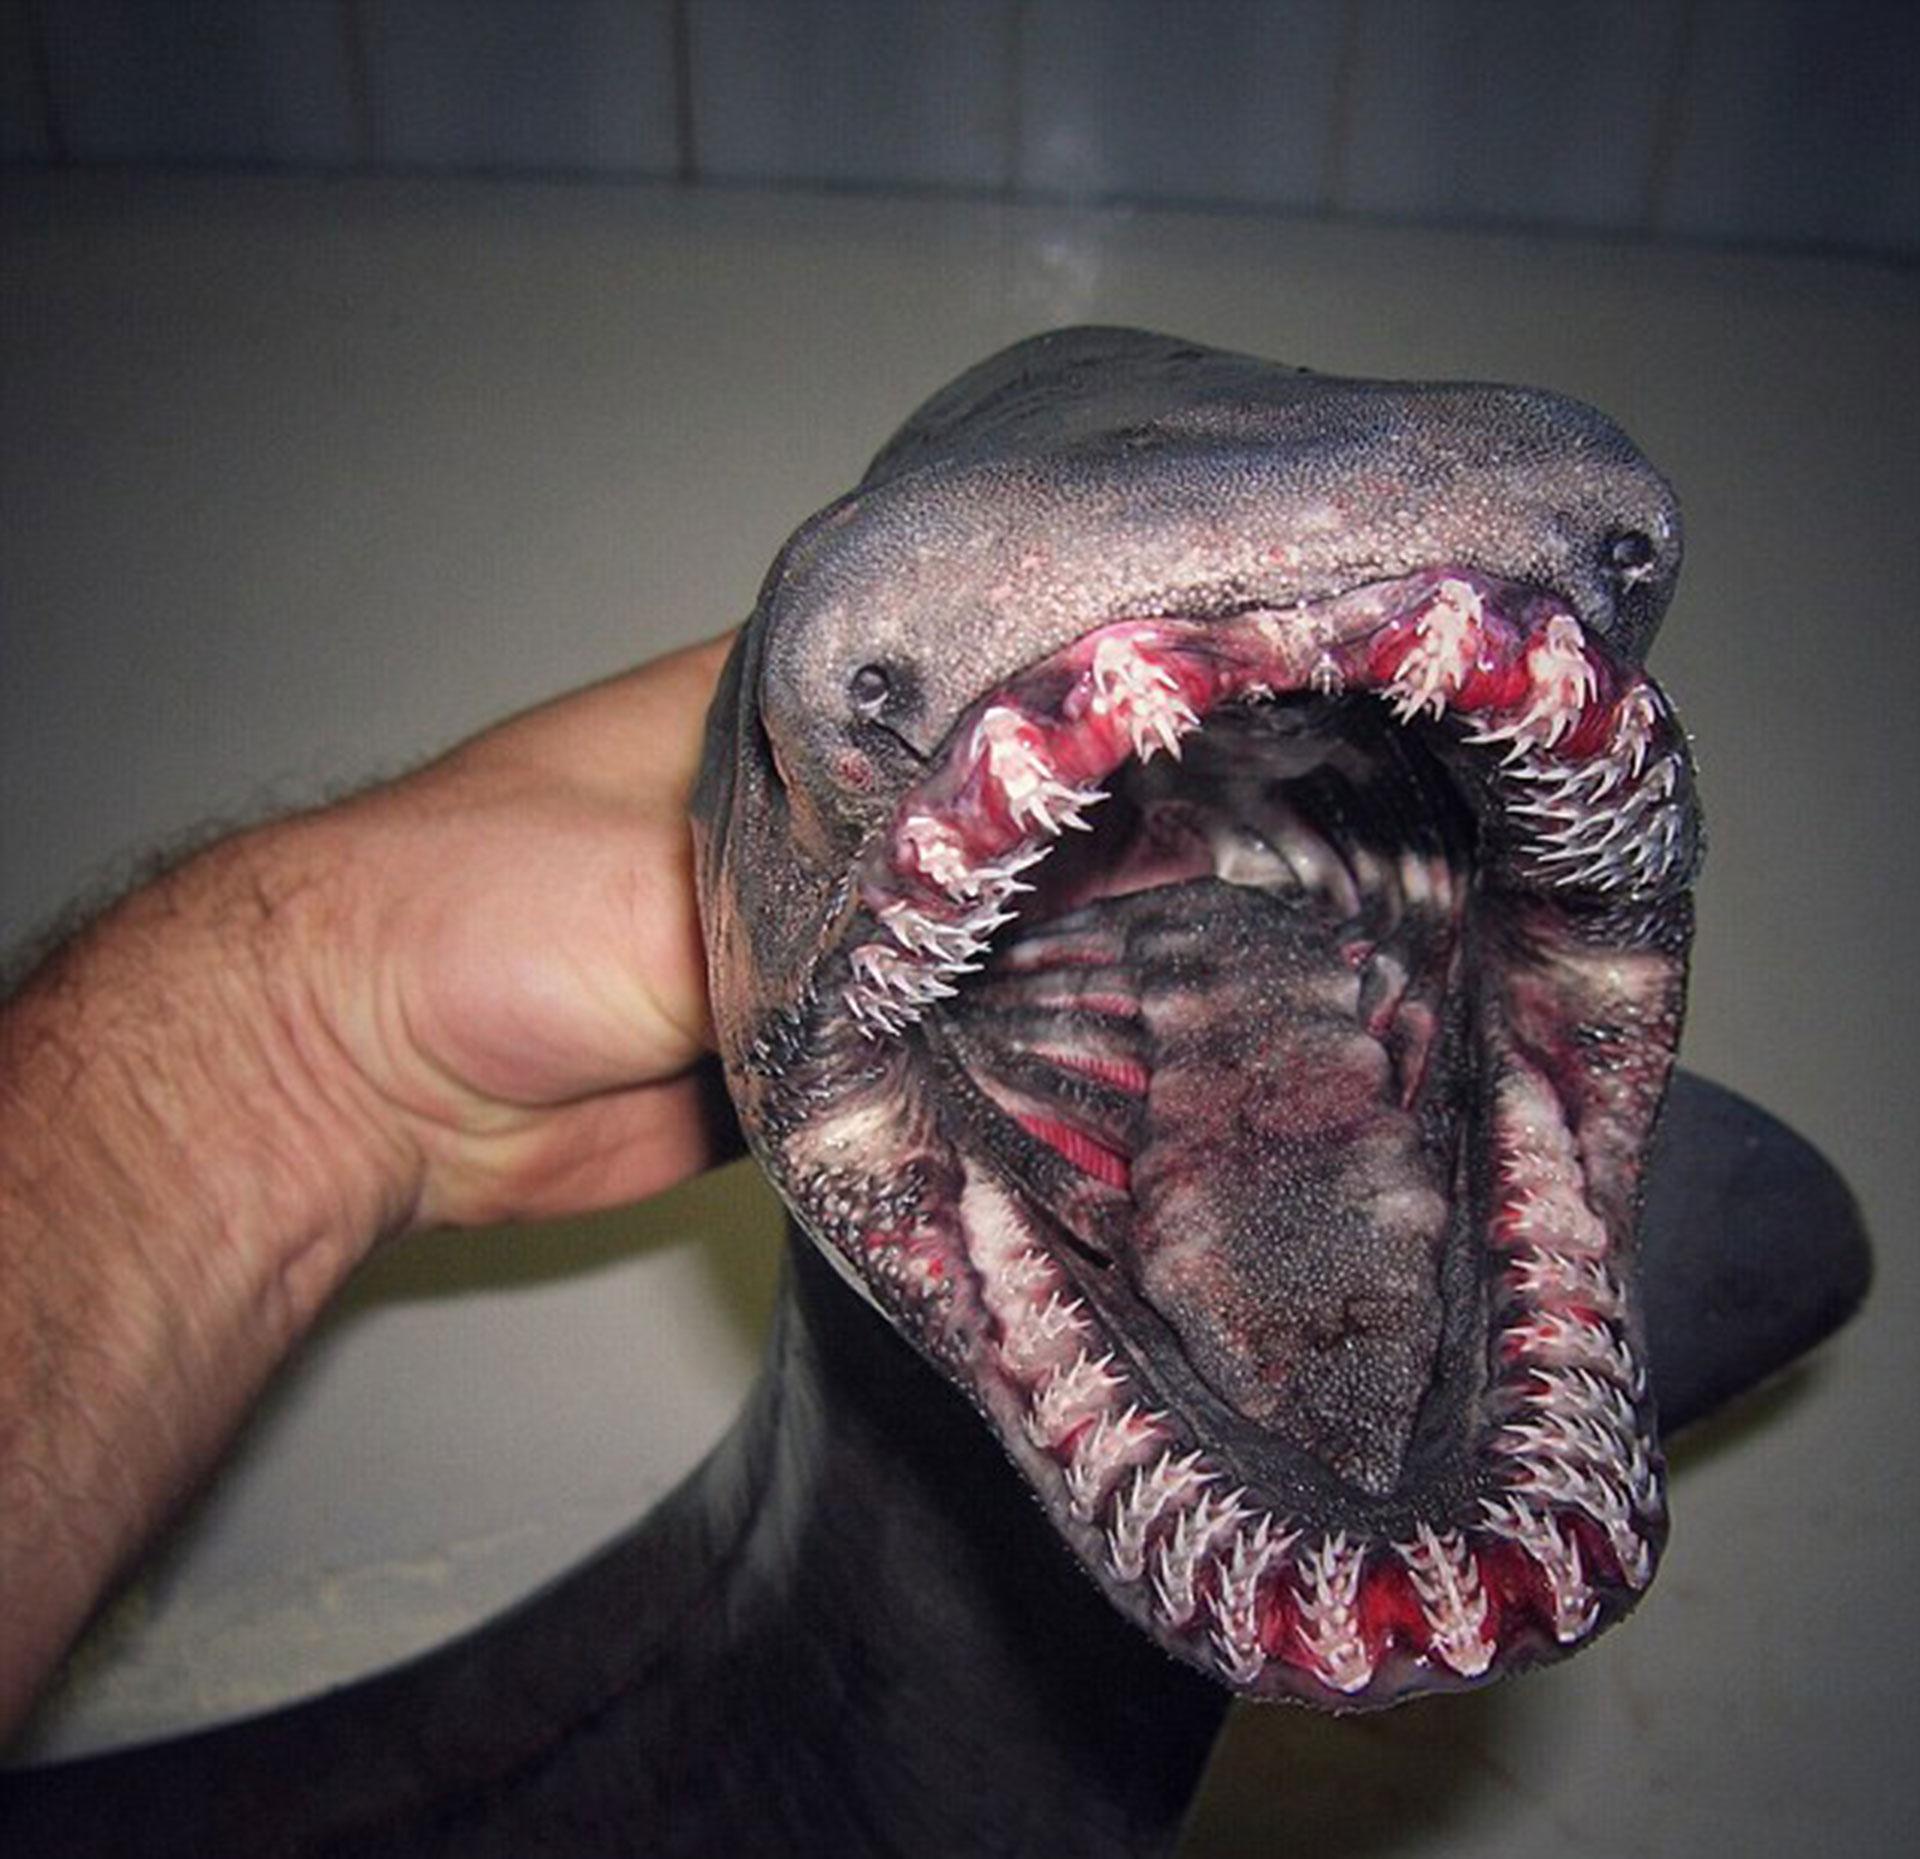 """El """"tiburón anguila"""" o """"tiburón de gorguera"""" es una extraña especie a la que se conoce como un """"fósil viviente"""". Puede devorar peces enormes a los que retiene con su filosa dentadura."""